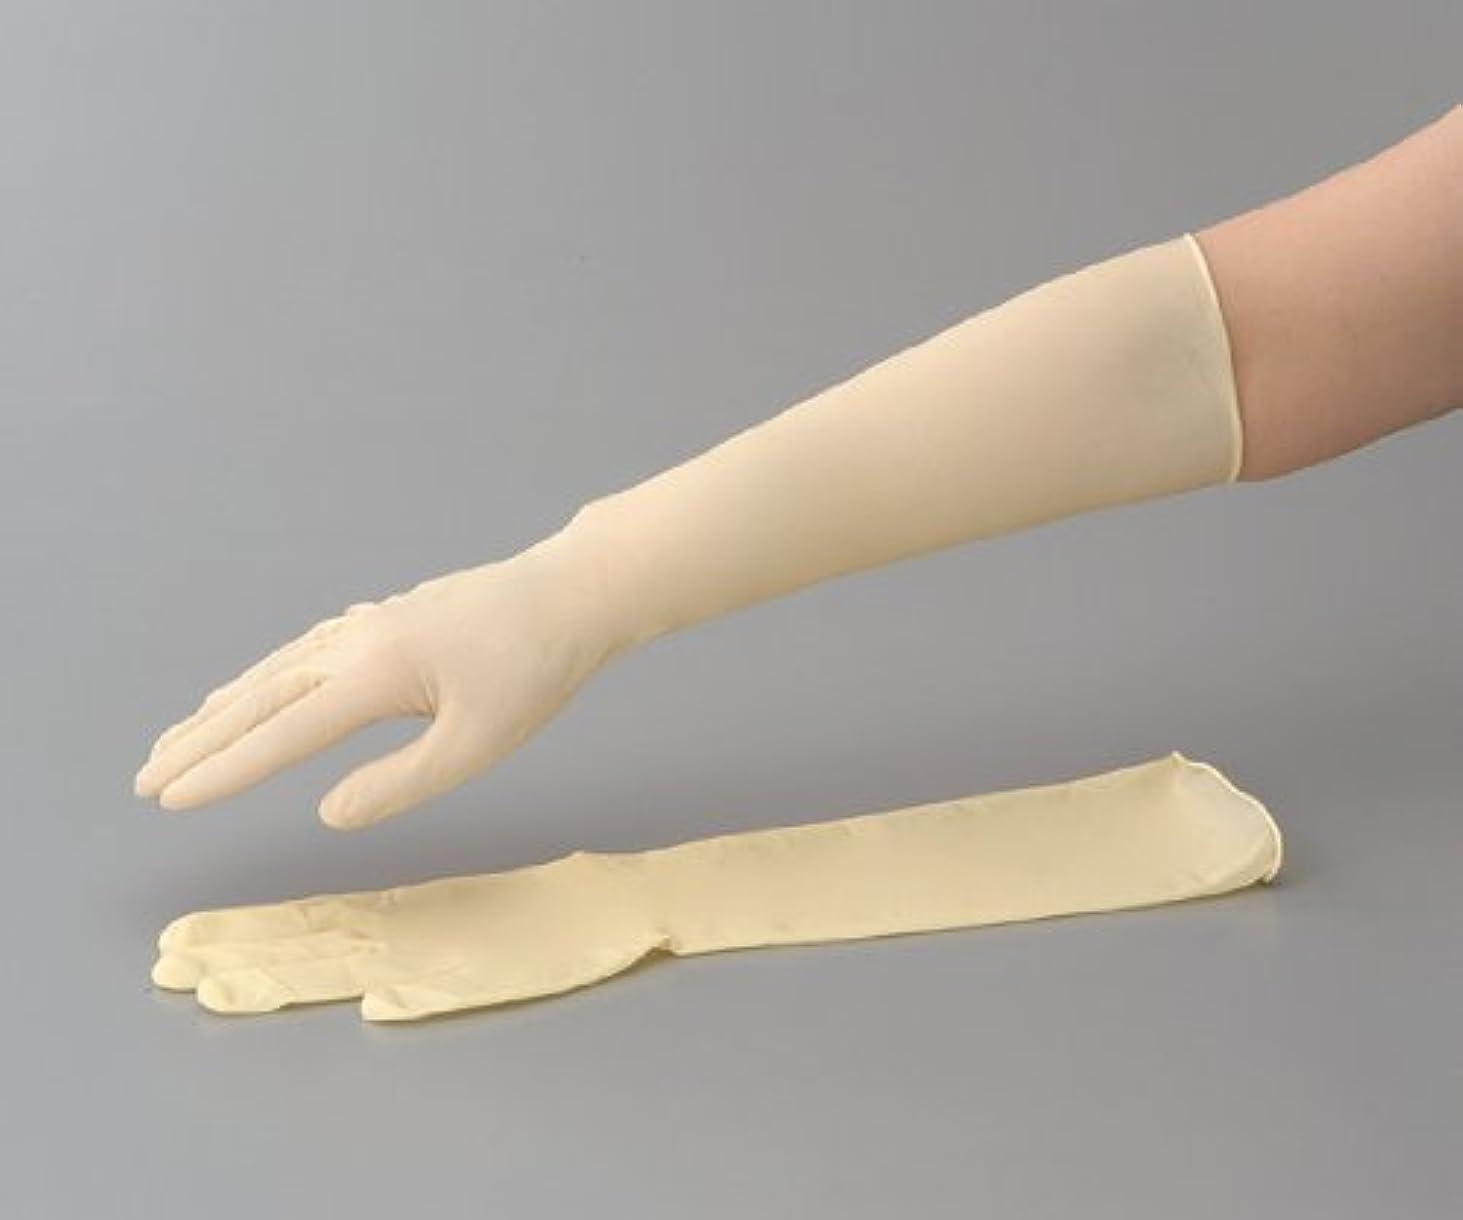 どこかレーニン主義見ましたラテックスロング手袋(スーパーロング) No.336 S 1袋(50枚入)